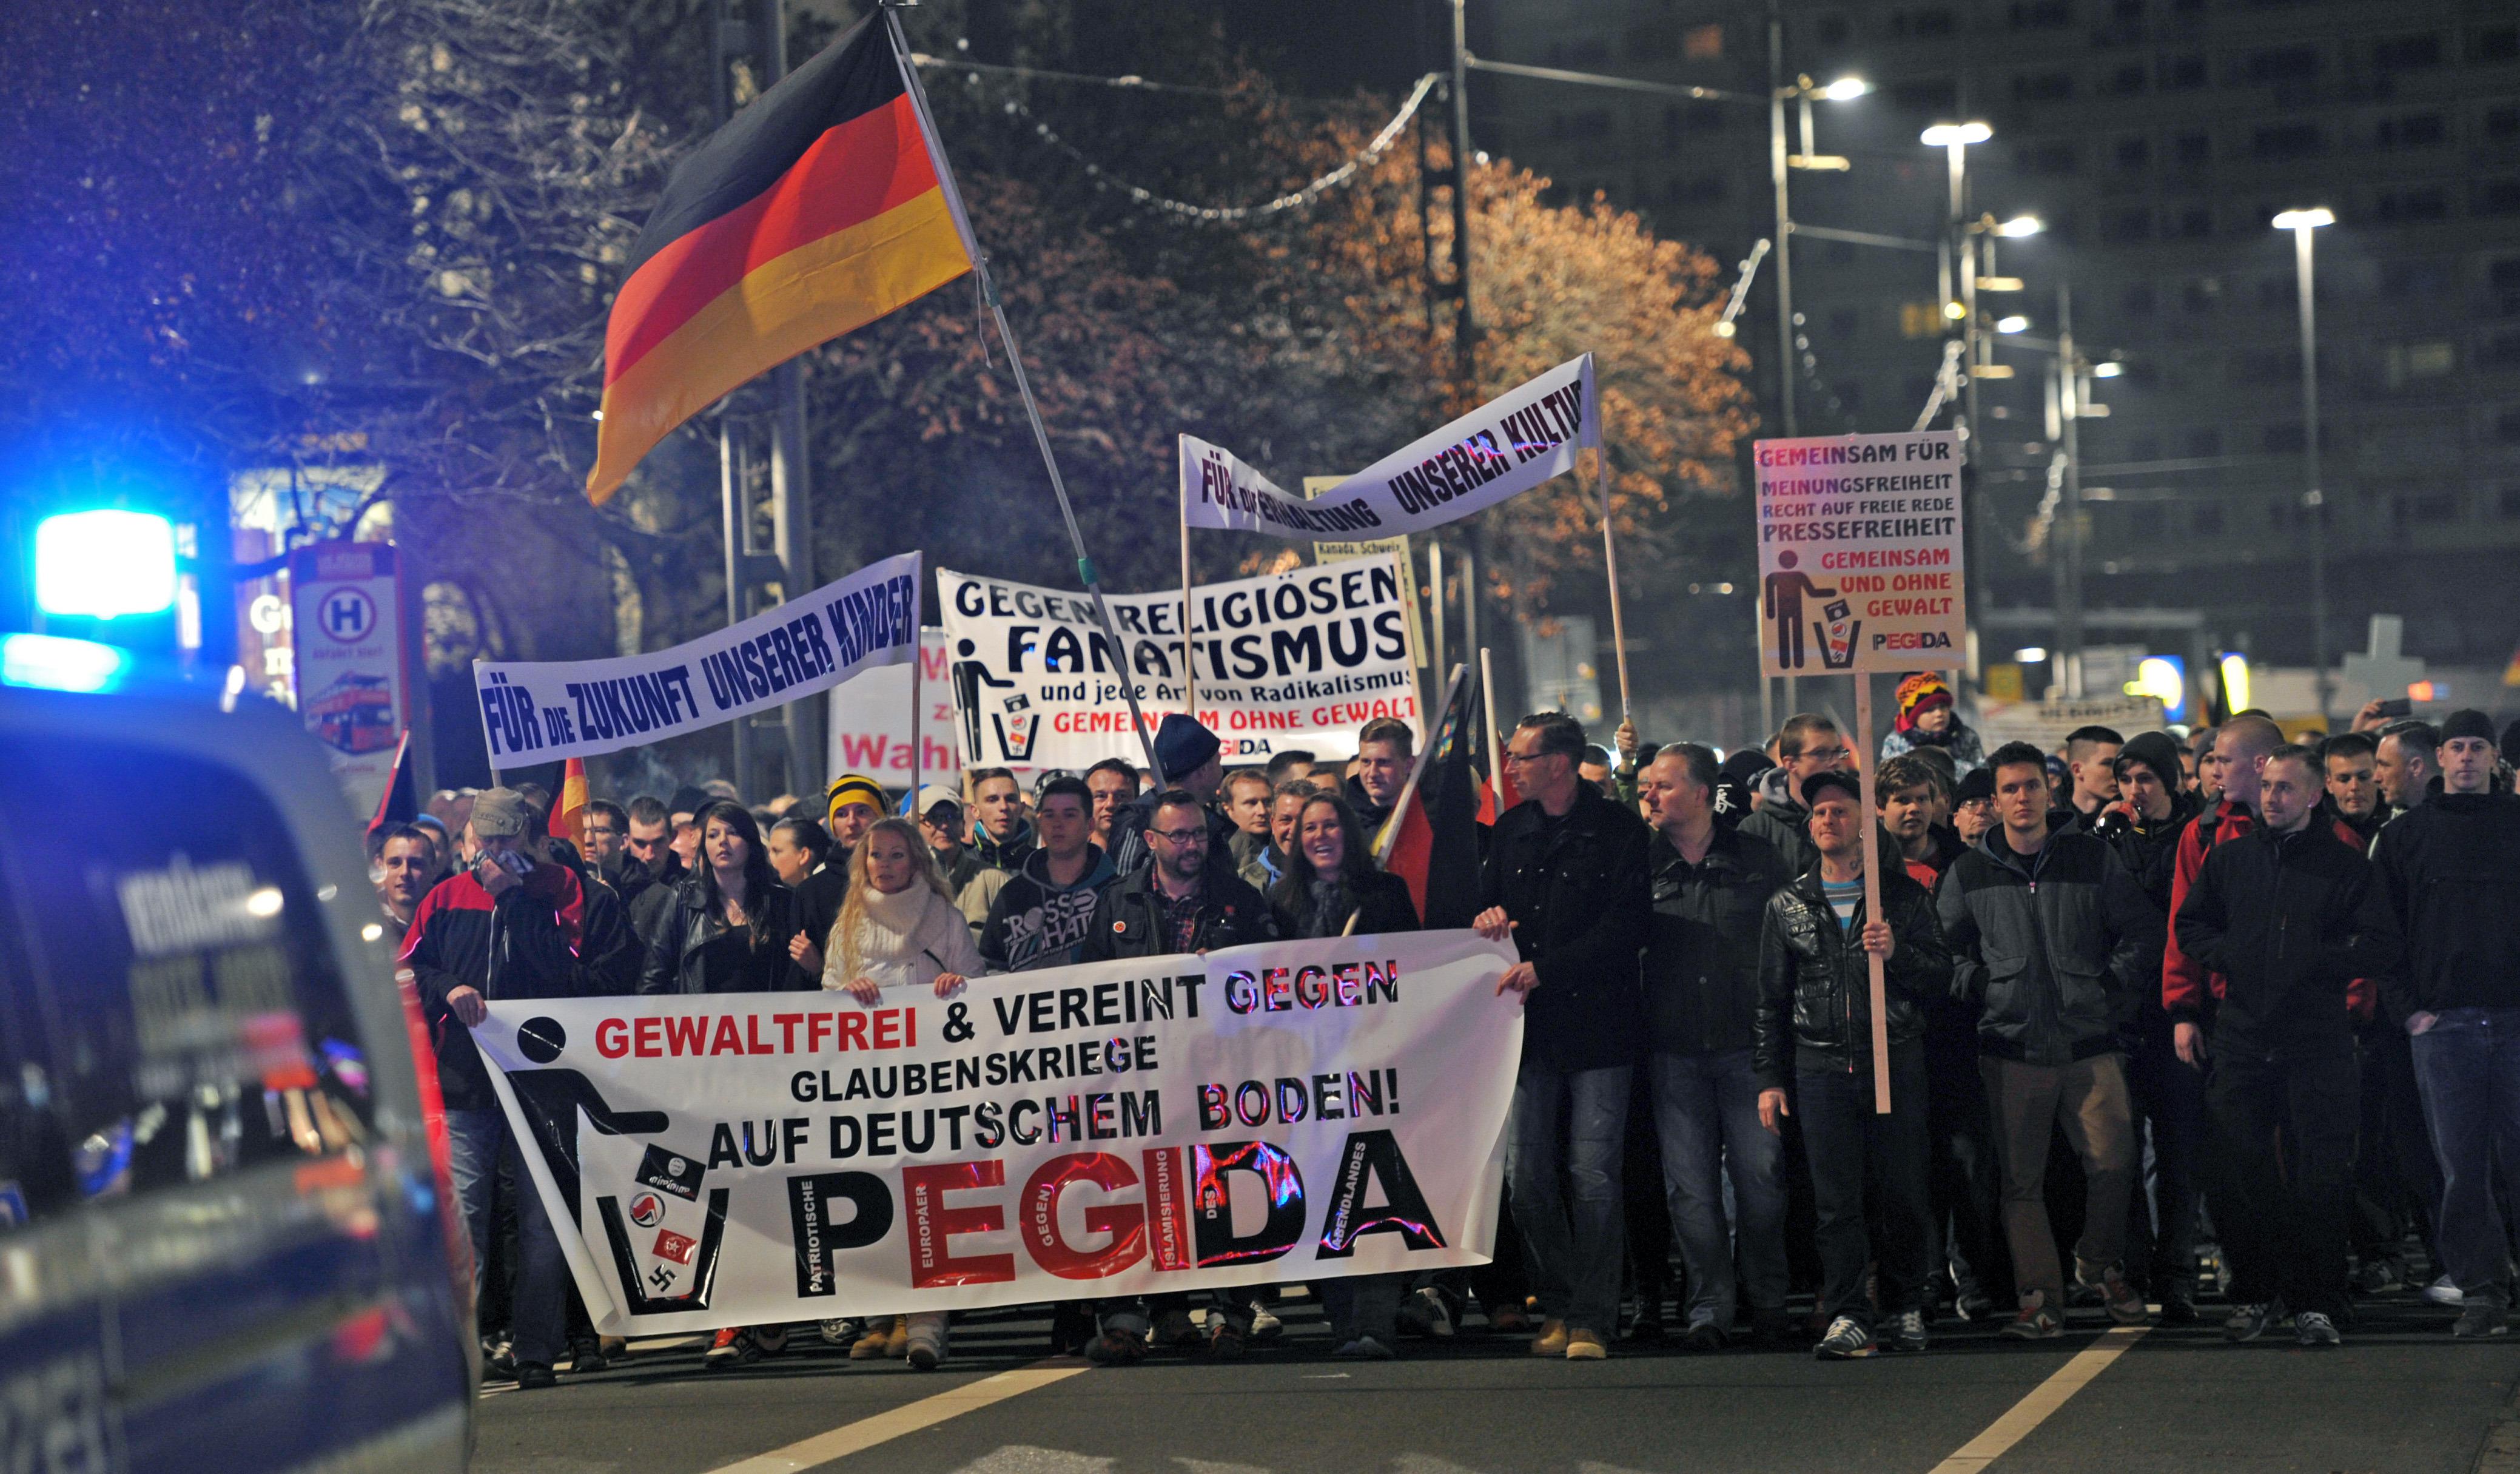 Dresden, Germany - PEGIDA's Anti-Muslim Calls Shake Up ...  Dresden, German...